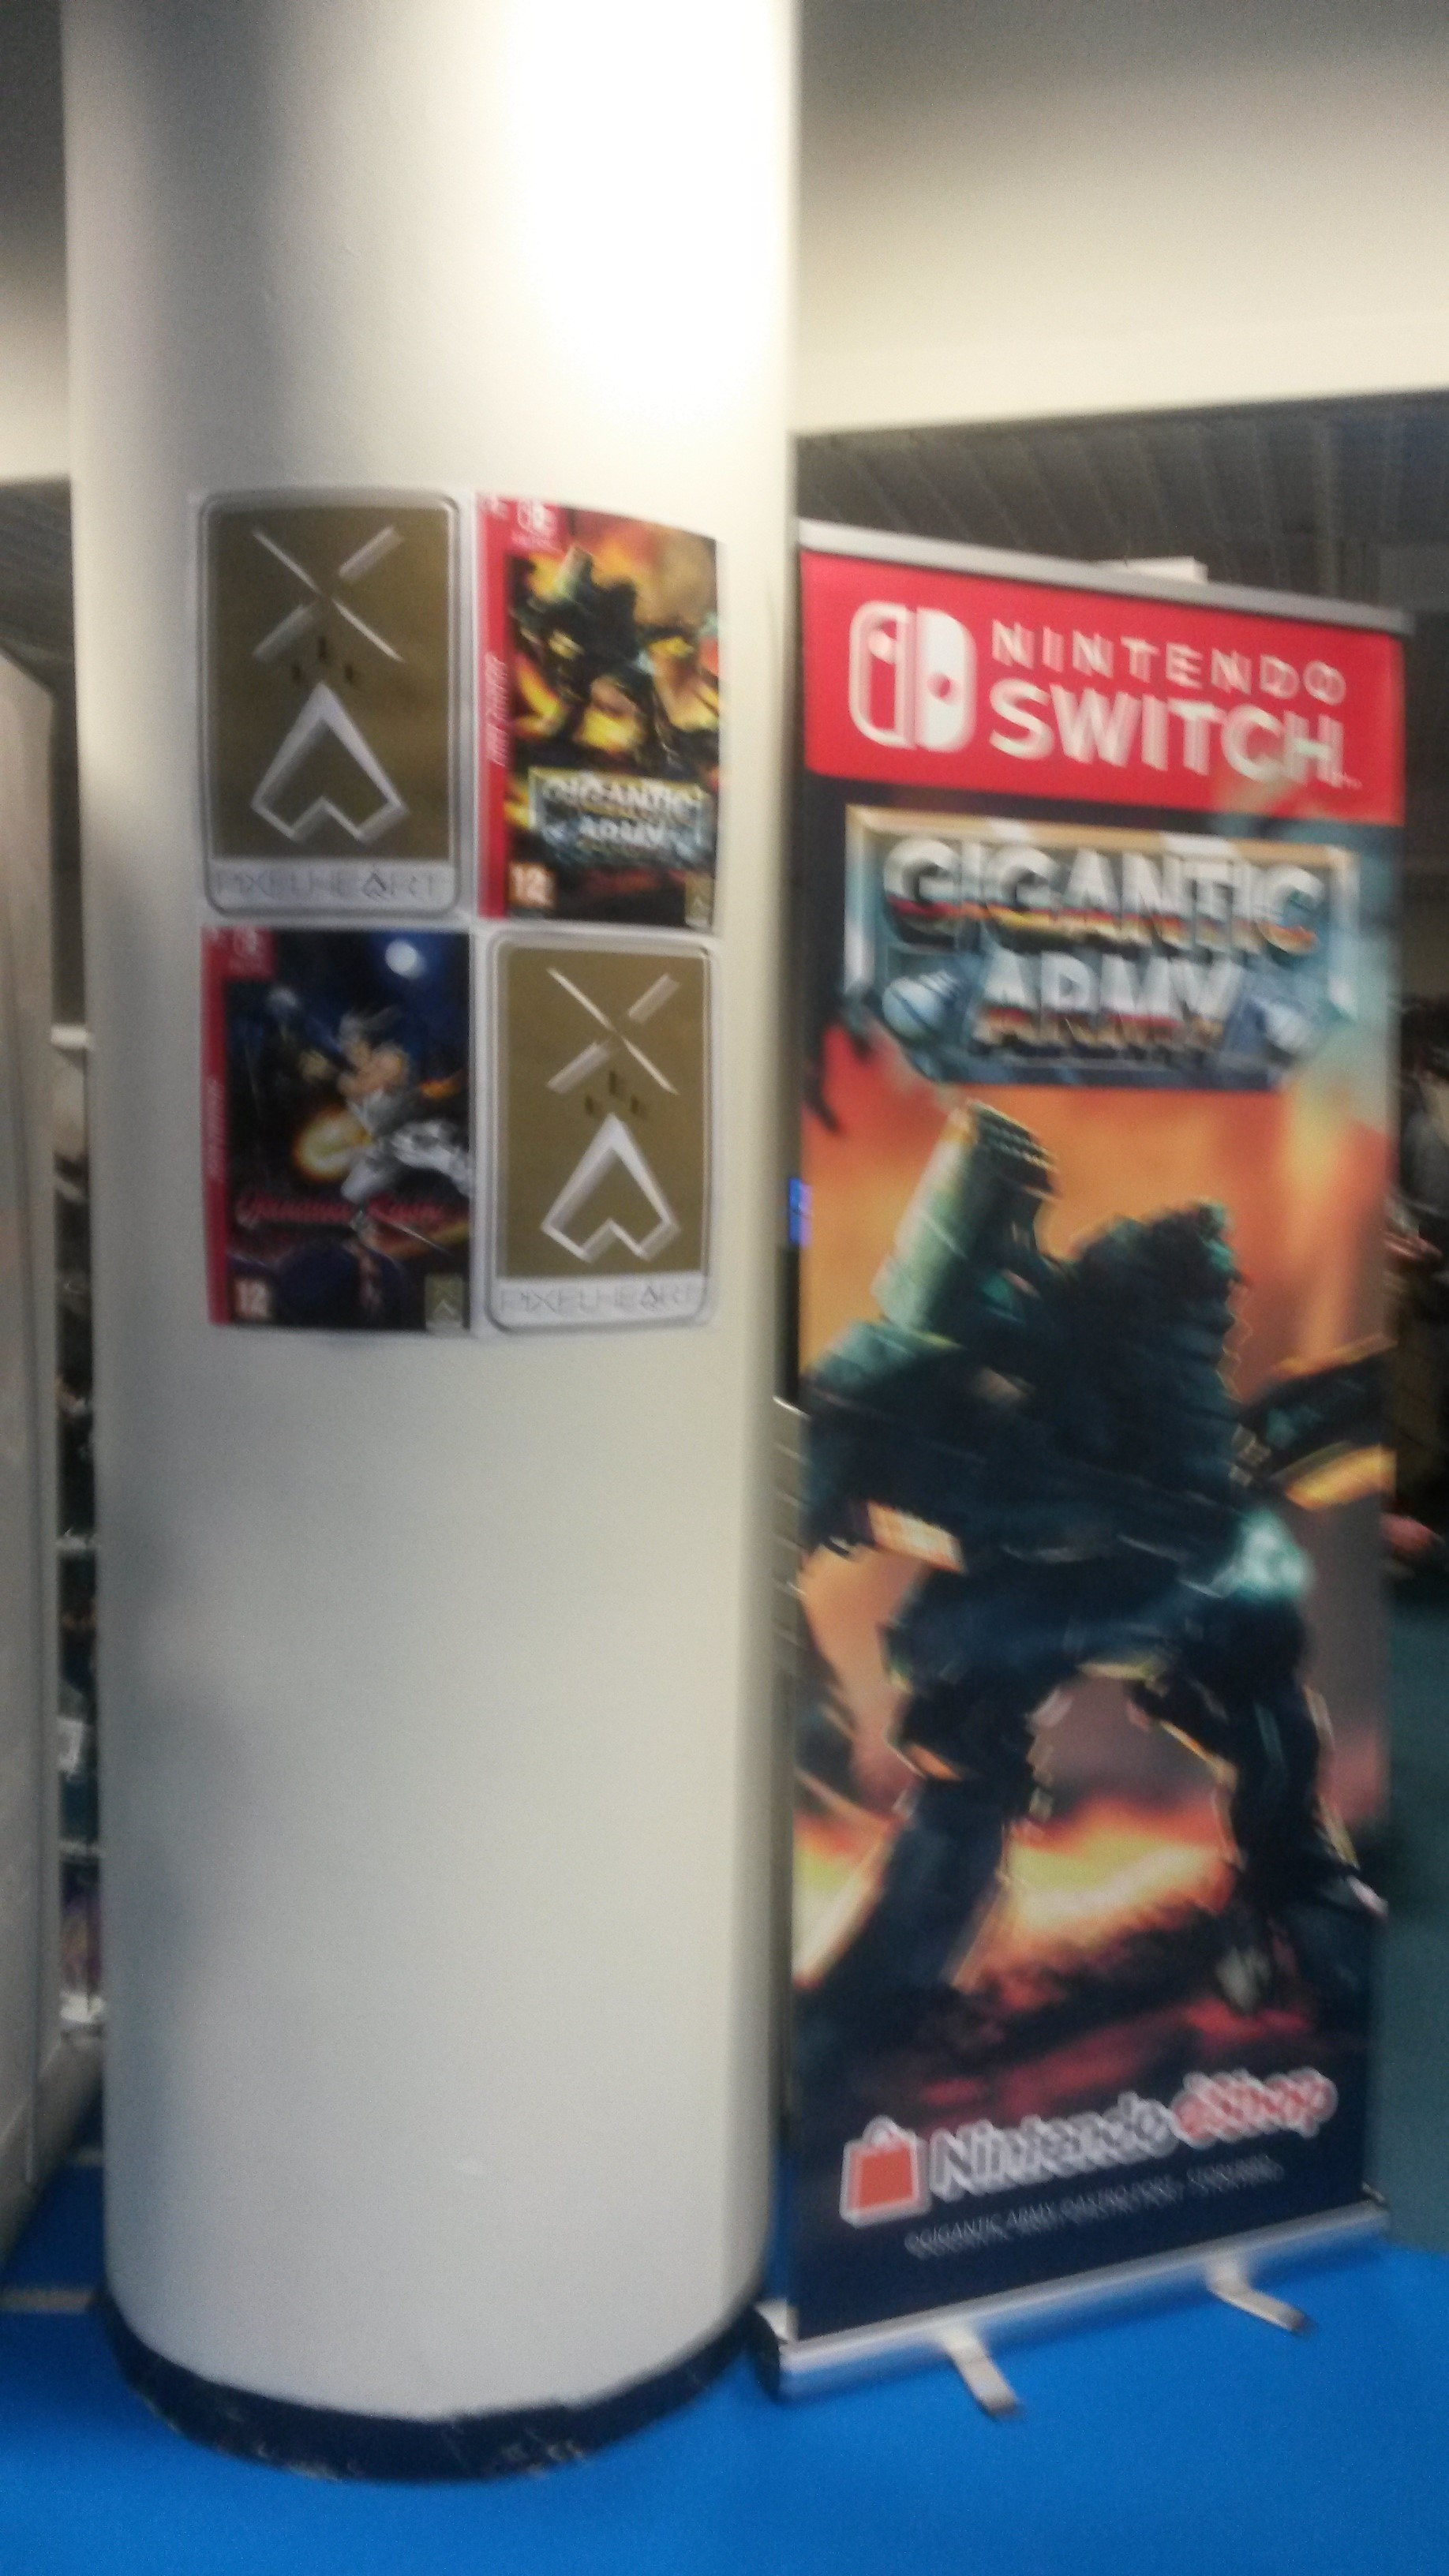 Les jeux vidéos avaient leur espace aussi